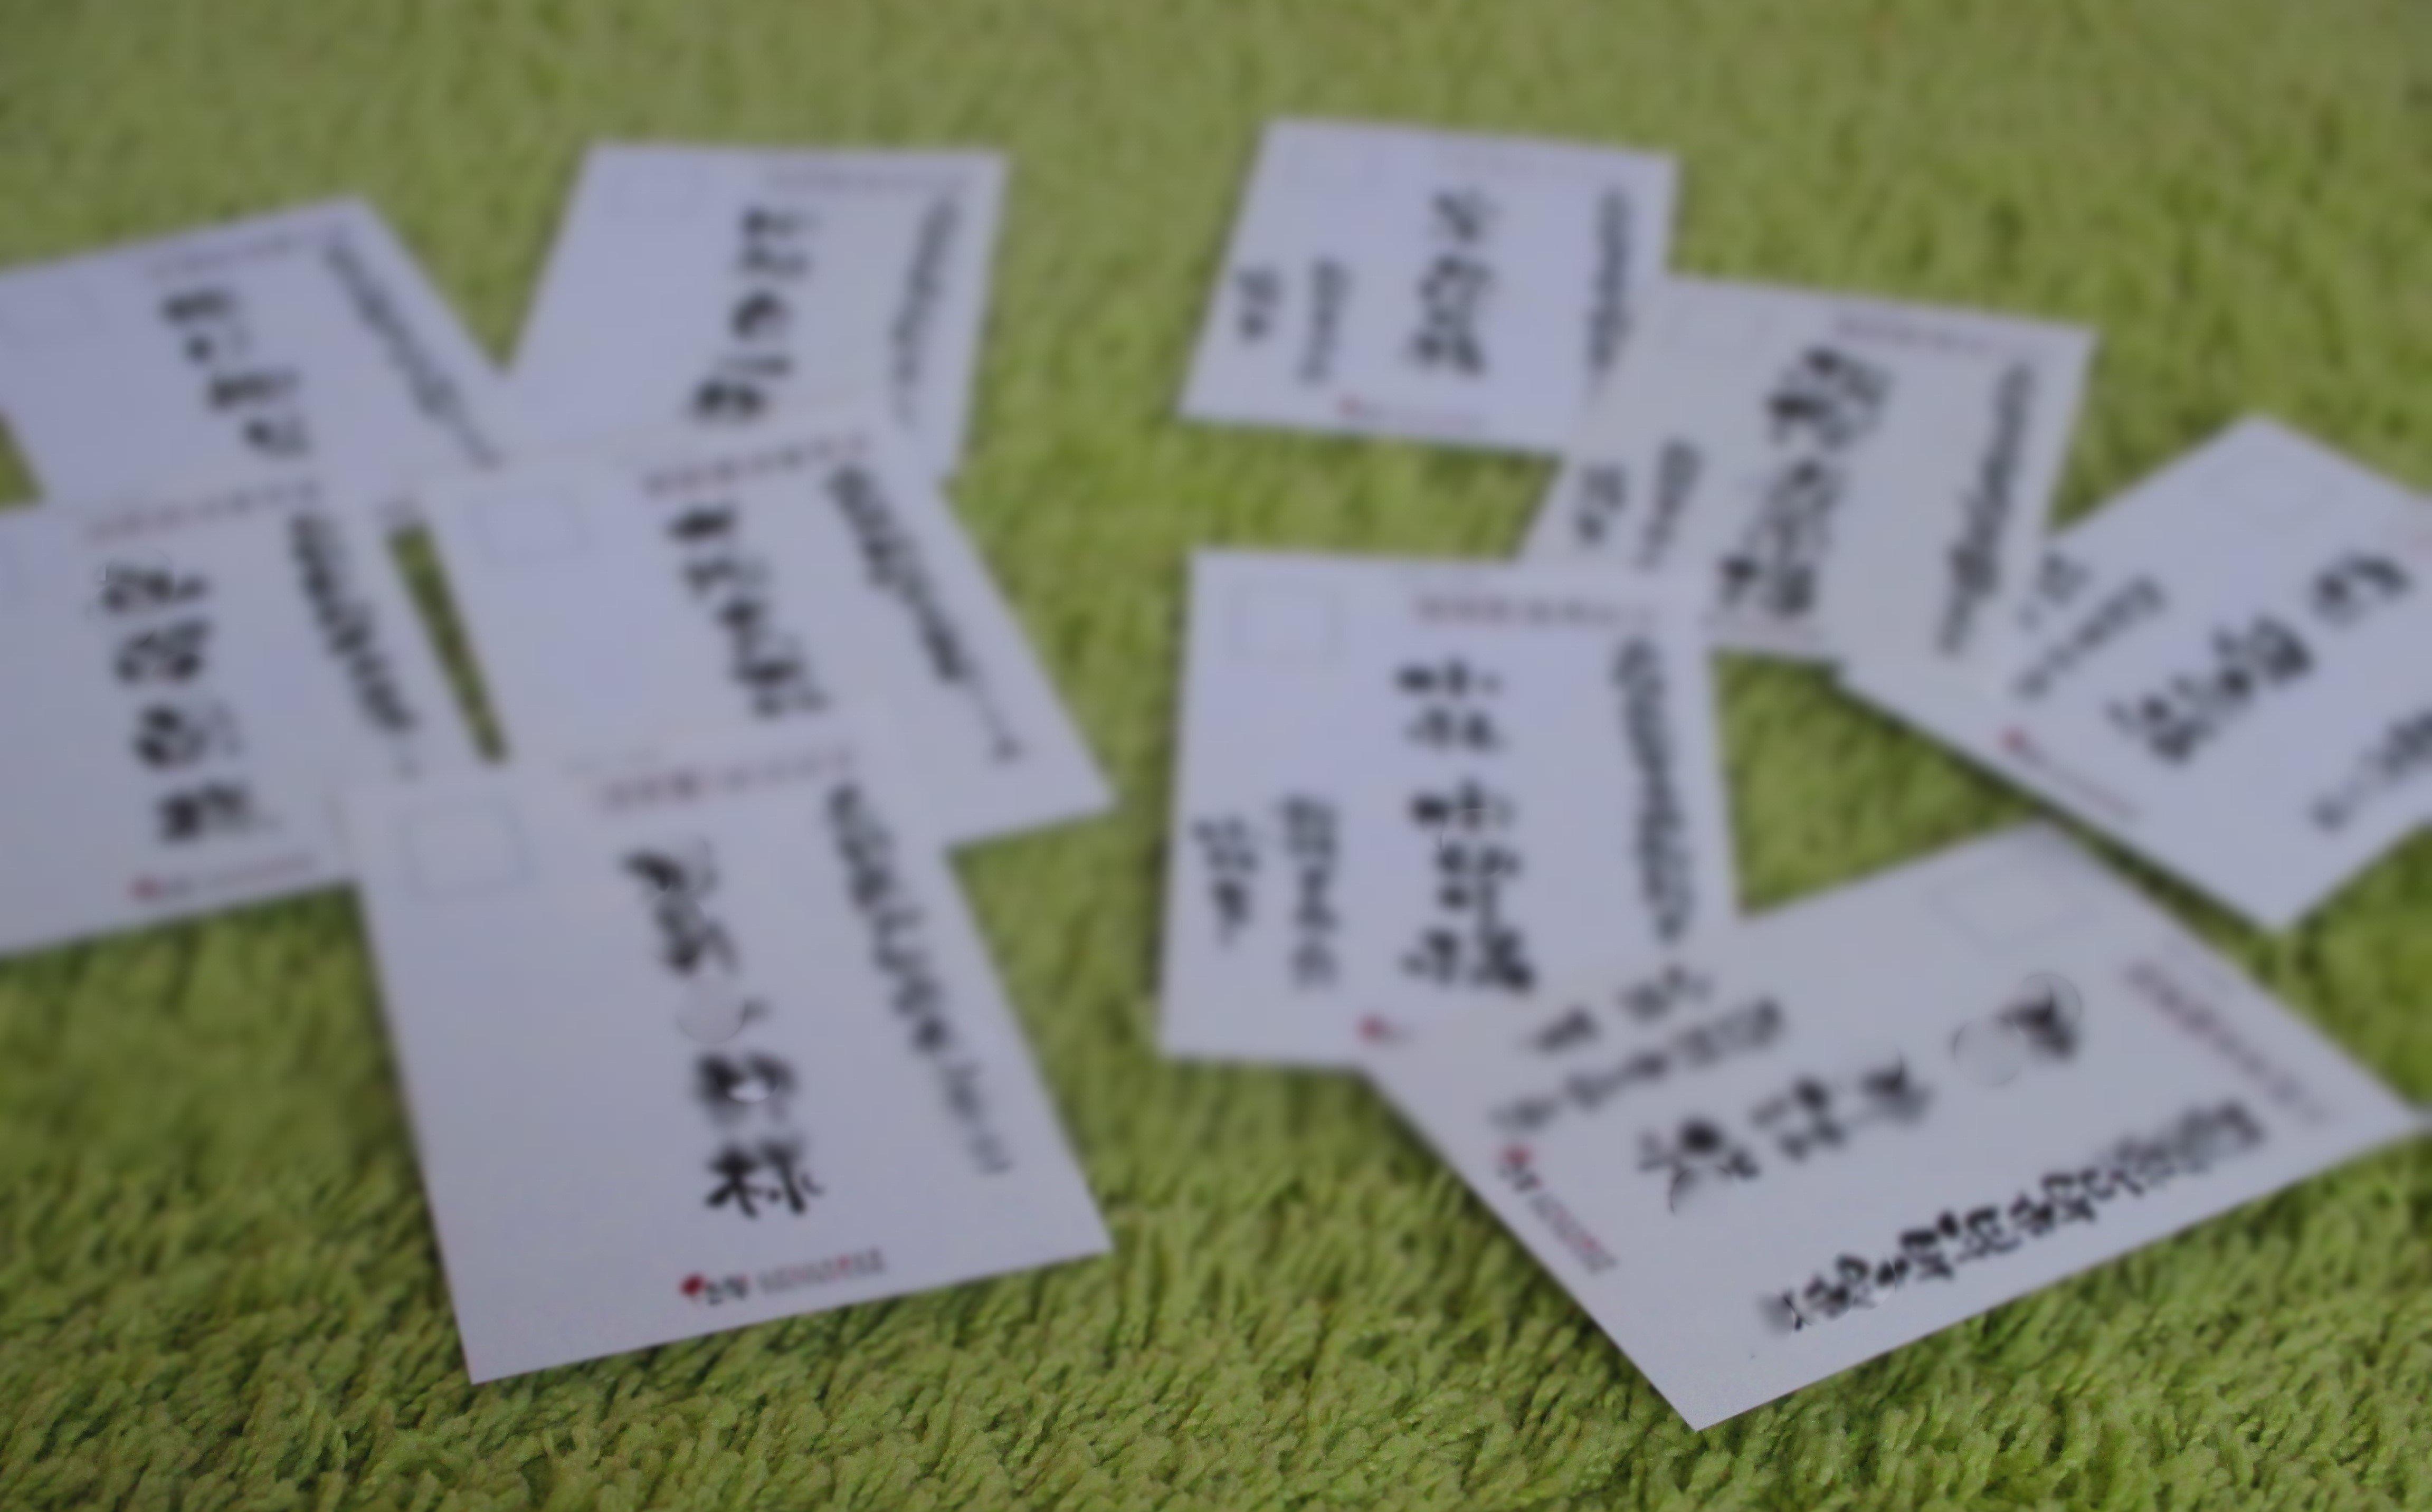 工房限定宛名伝筆セミナー/zoomリアル共通チケットのイメージその3